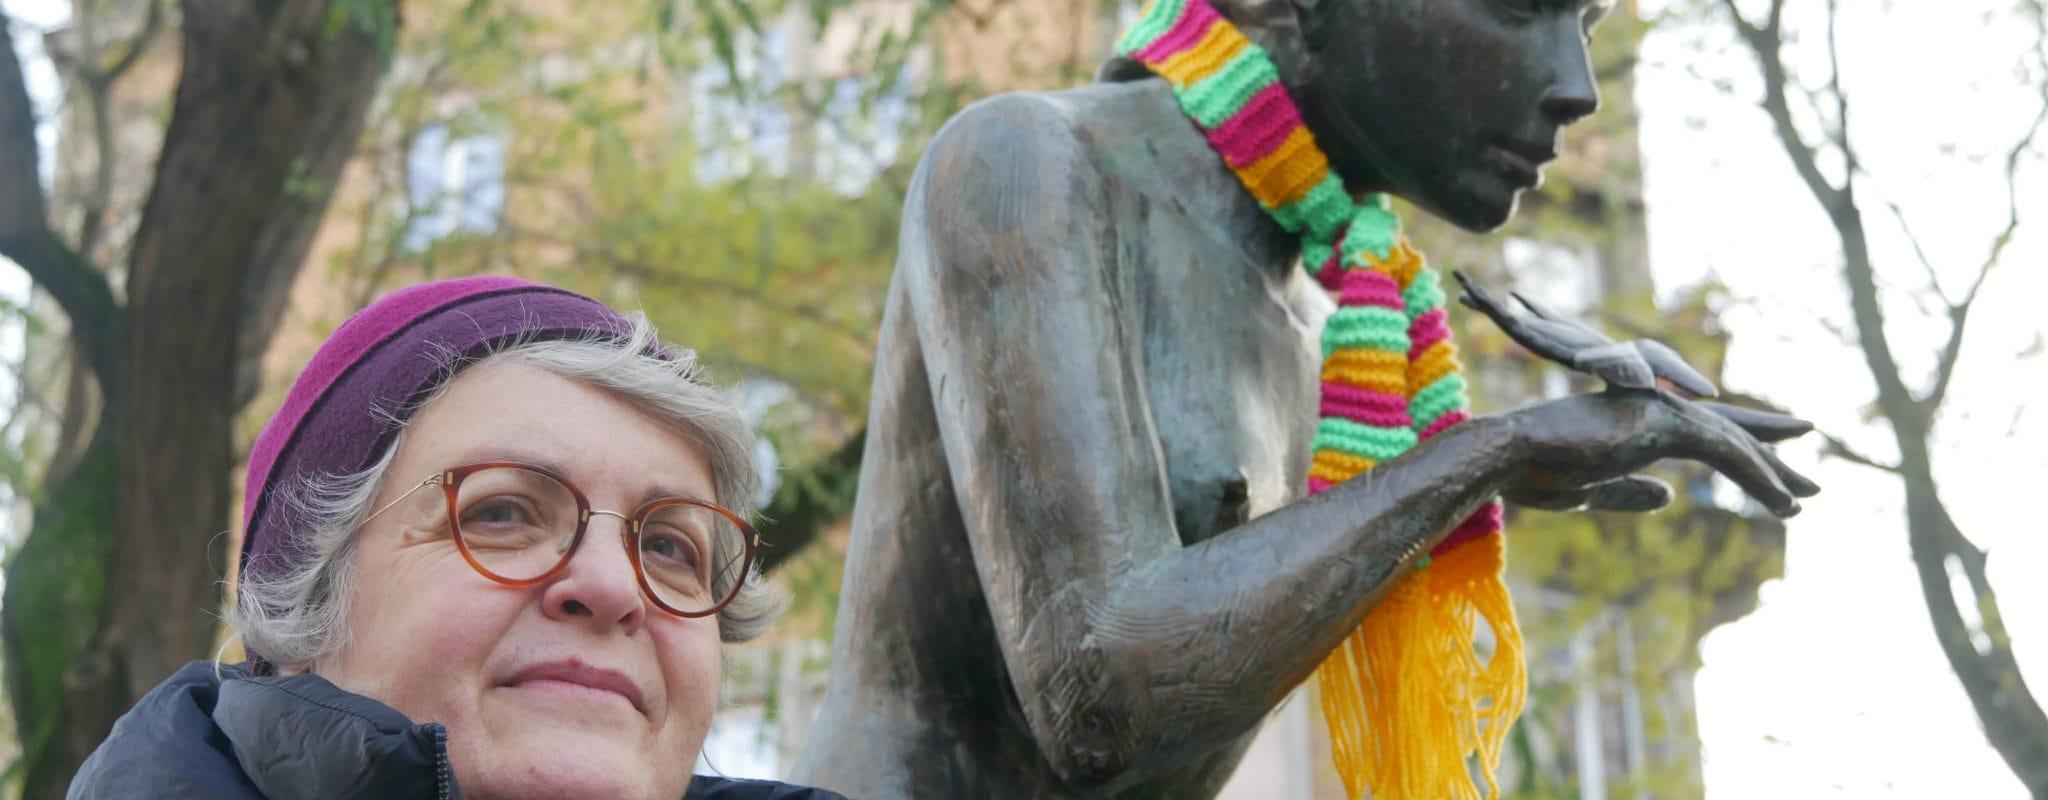 À Strasbourg, Valérie rêve de former un gang des tricoteuses